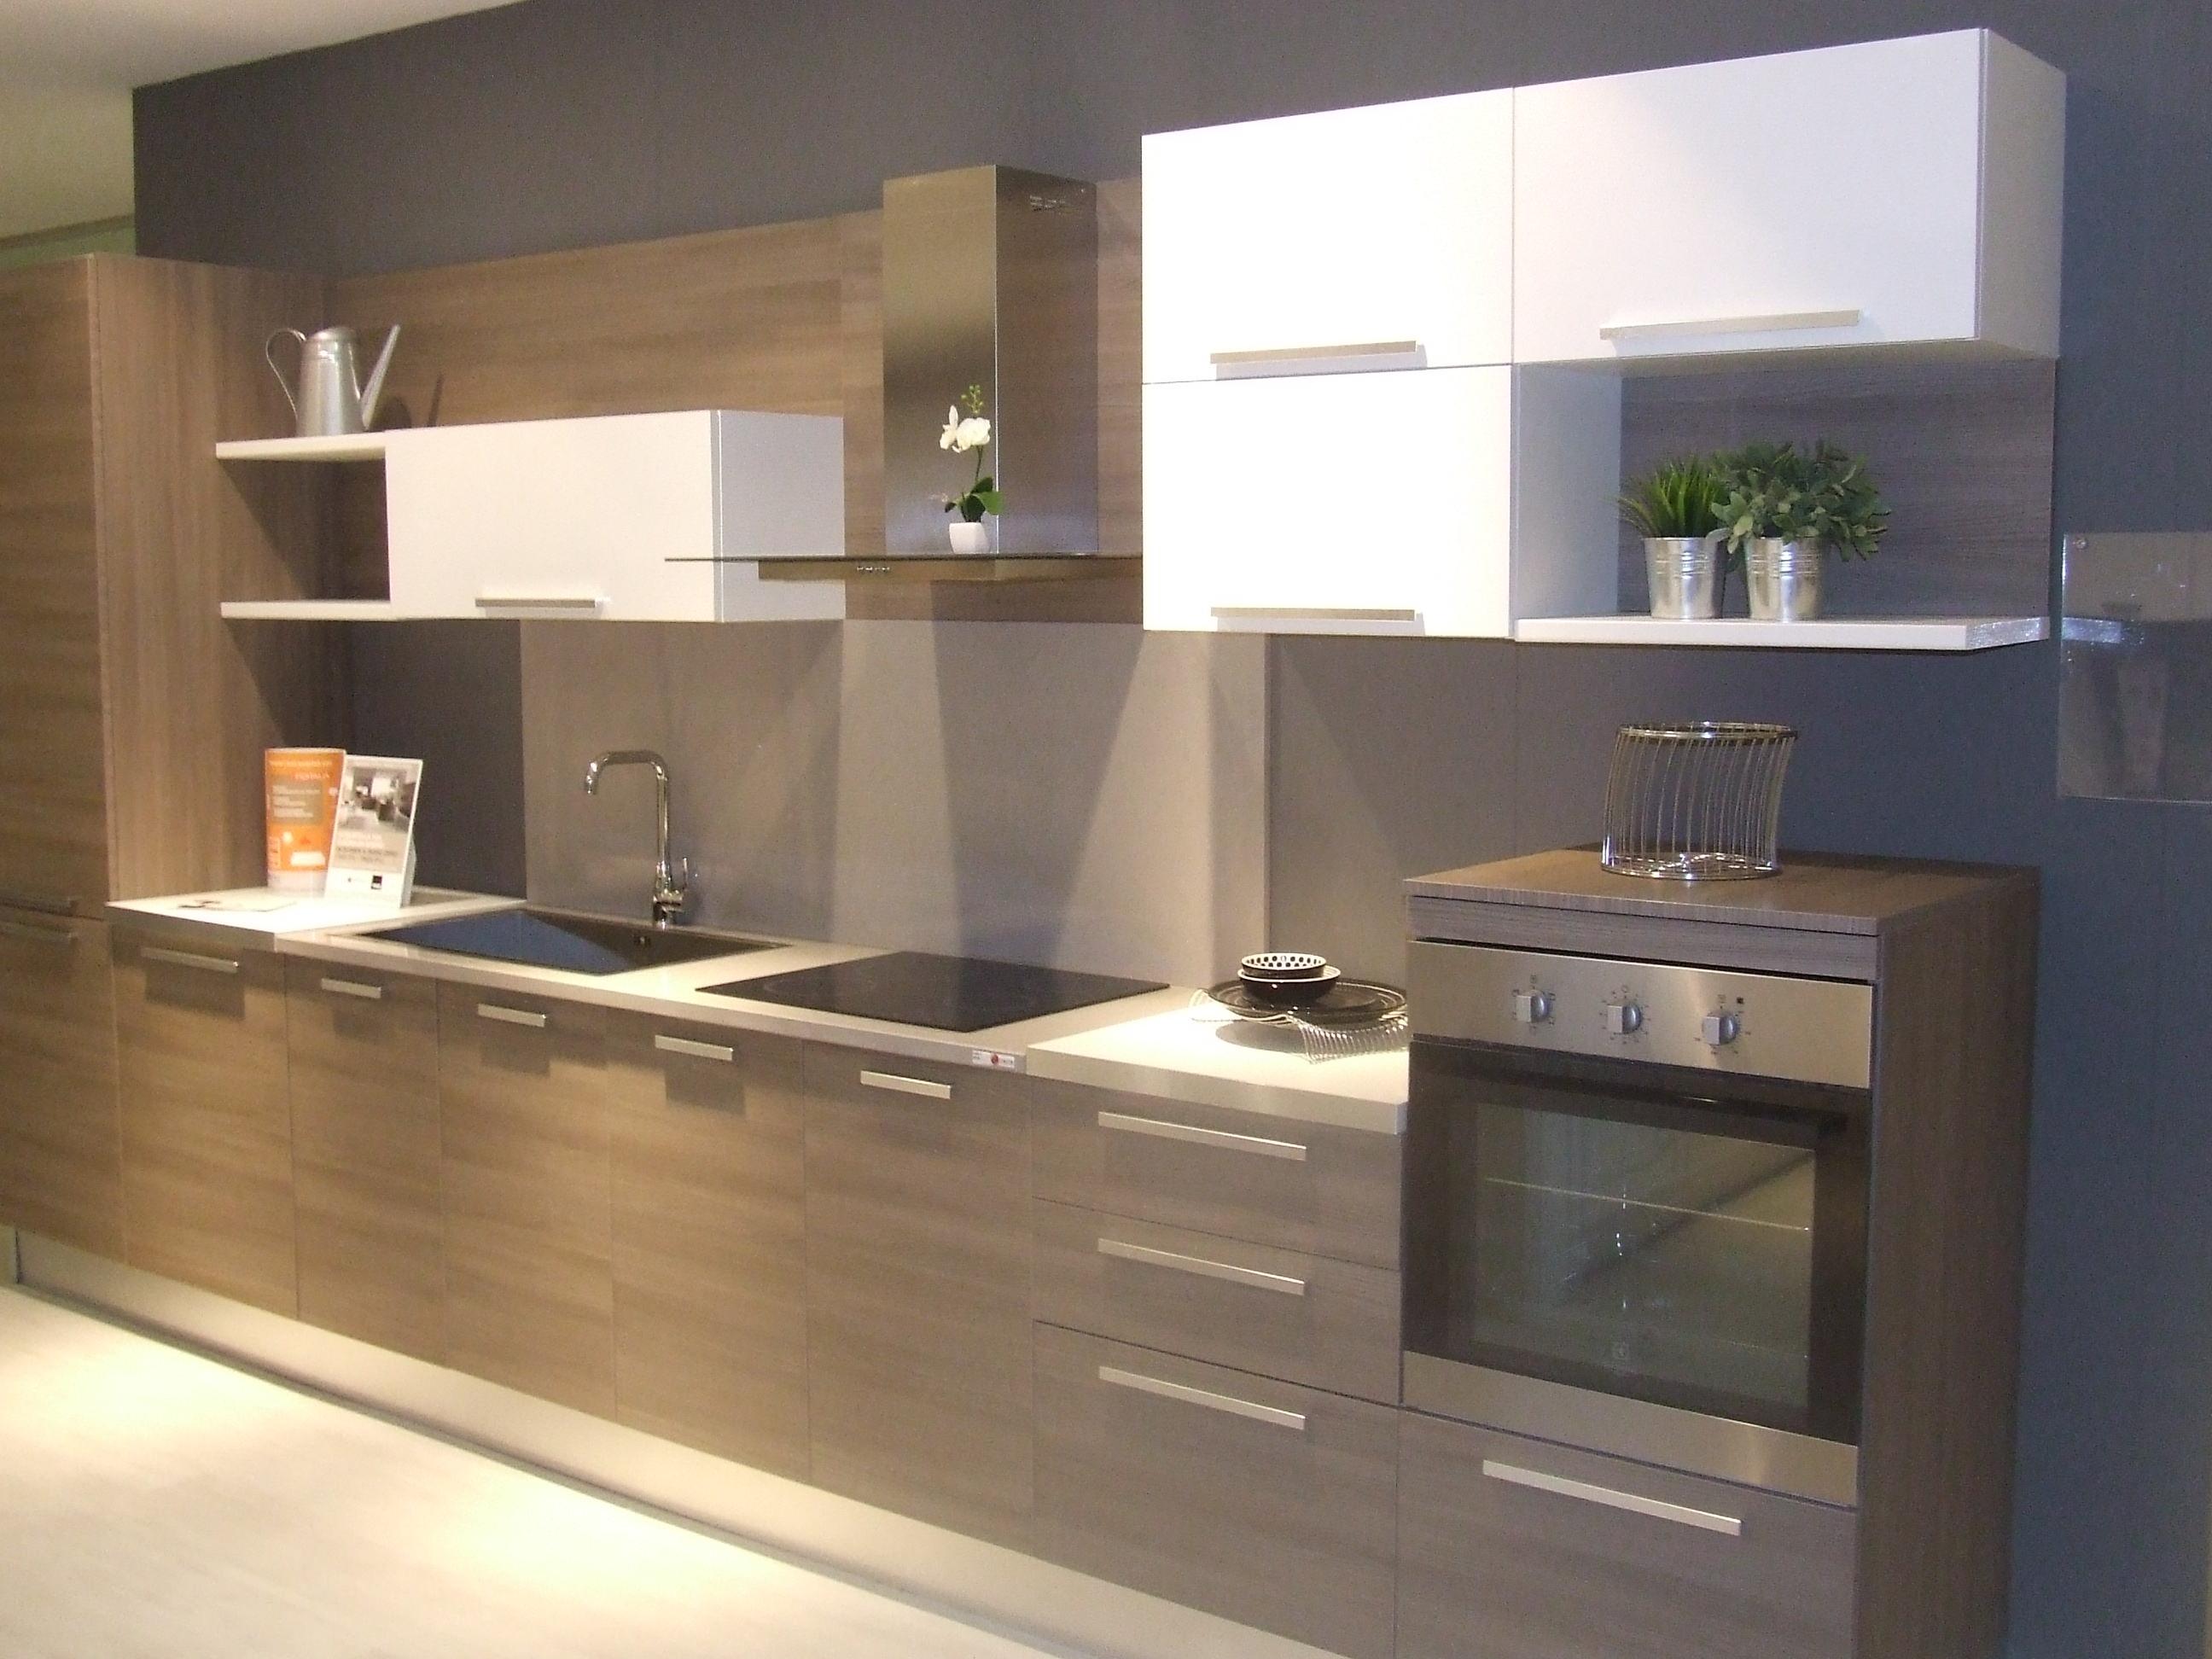 Arredissima cucine prezzi le cucine moderne con isola for Arredissima prezzi divani